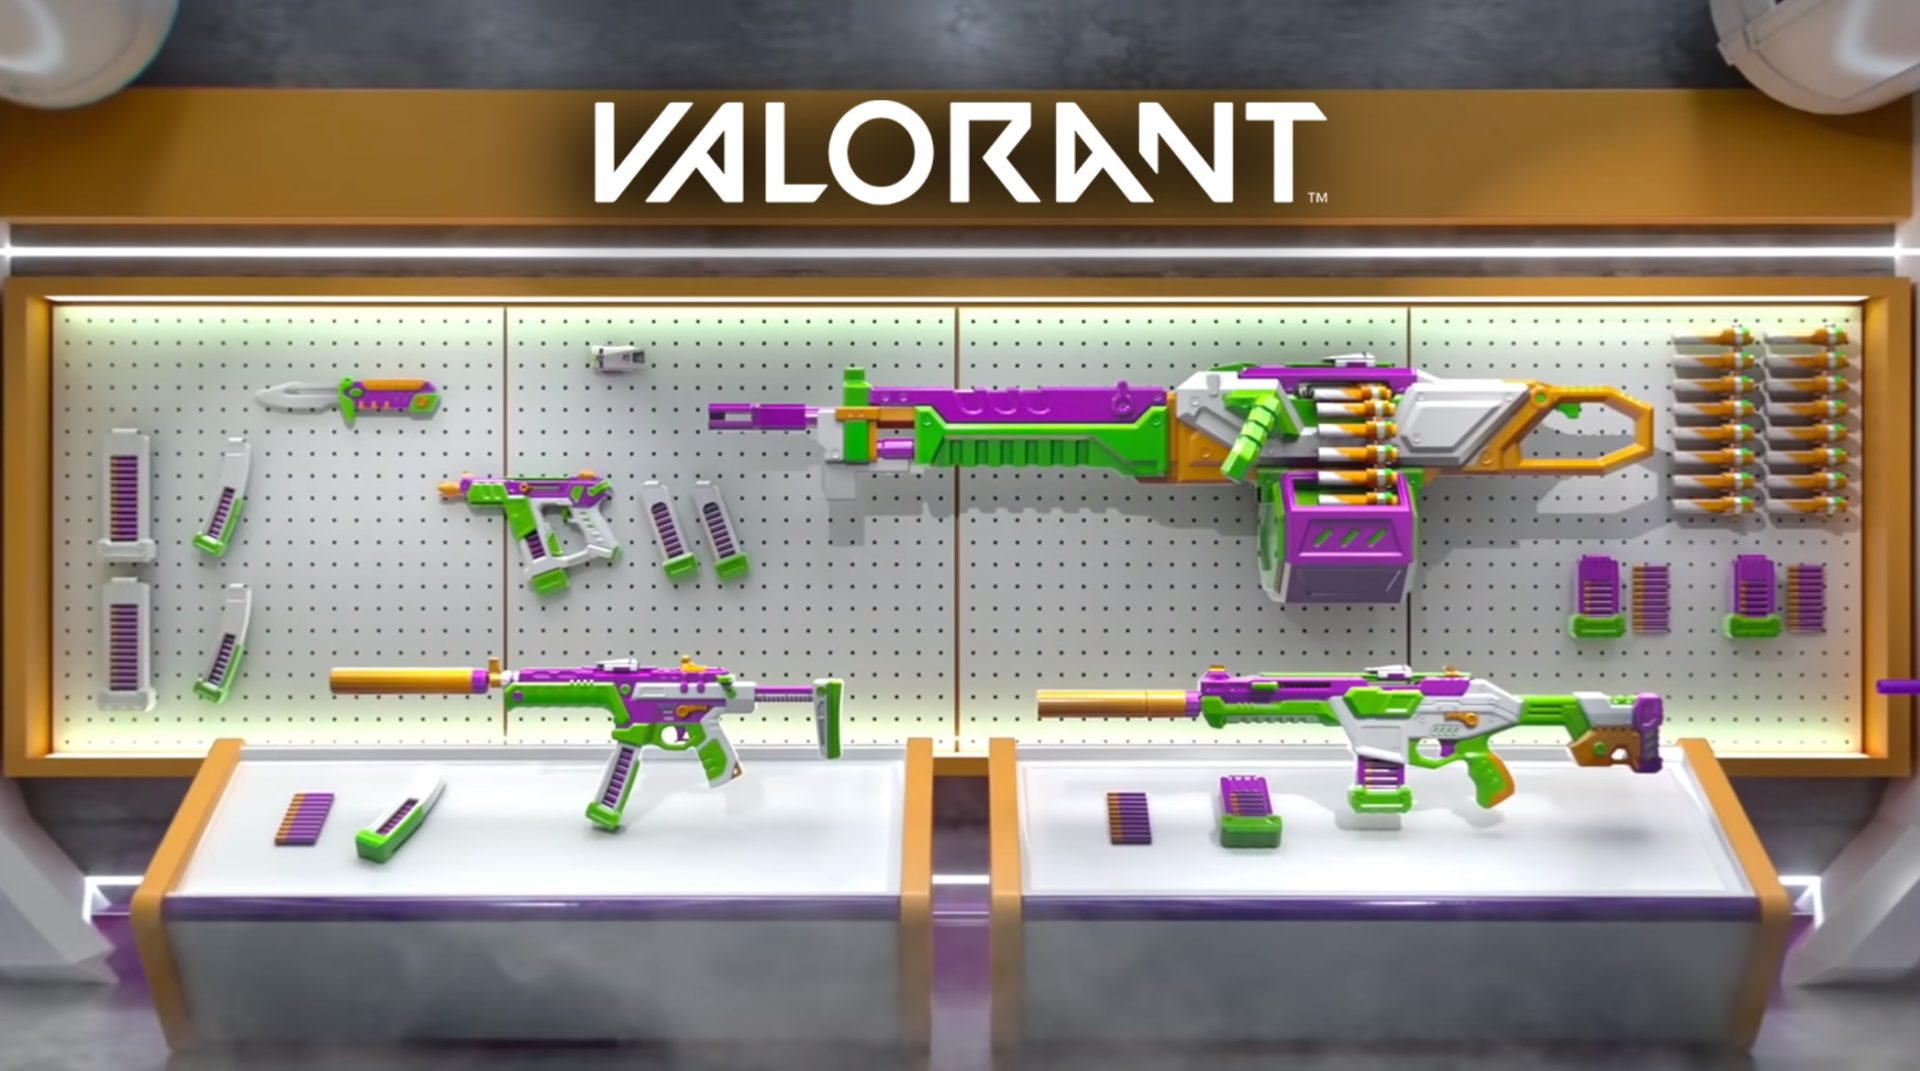 Valorant BlastX skins